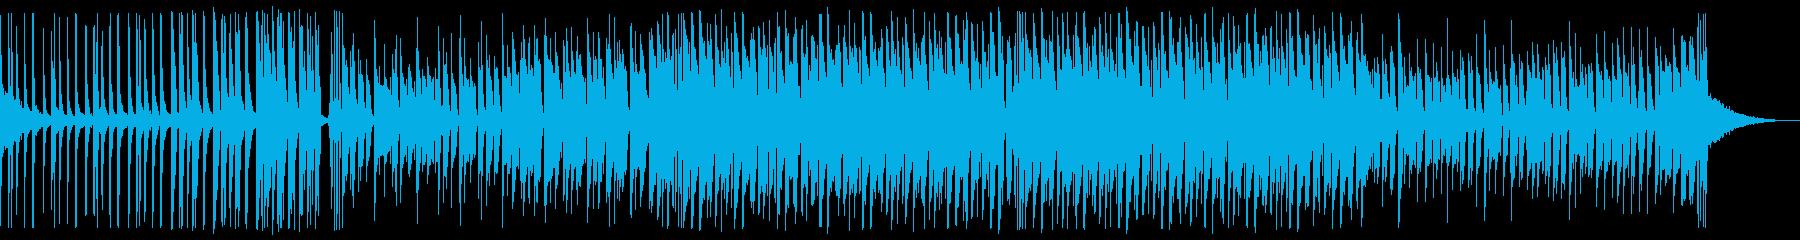 爽やかなEDM_3の再生済みの波形